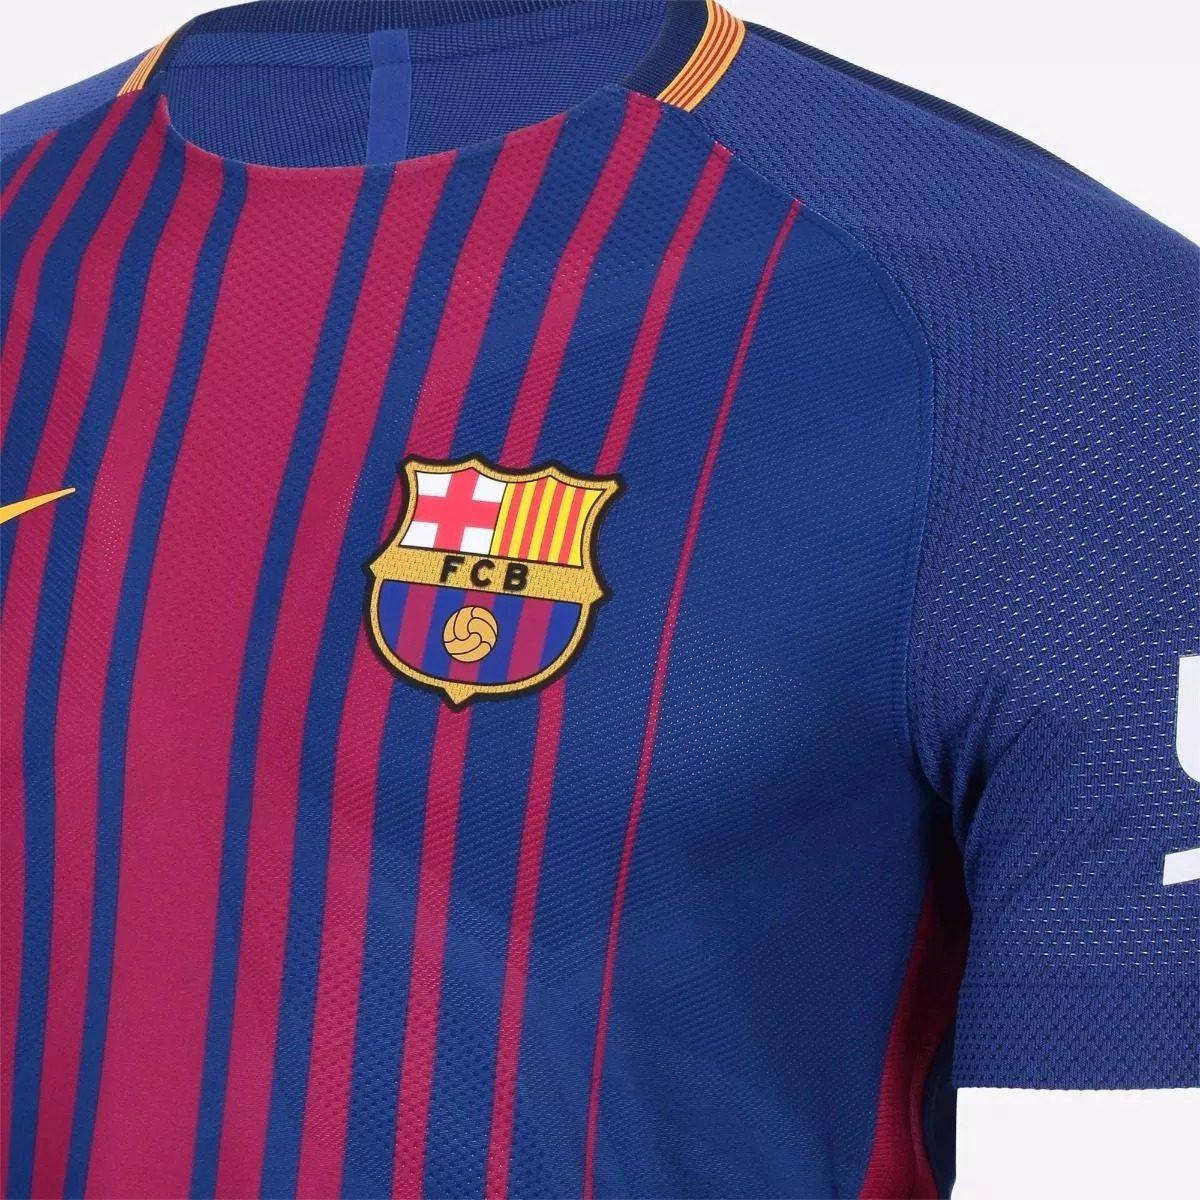 camisa barcelona 17 18 messi 10 jogador promoção relâmpago. Carregando zoom. d9a76a9562886